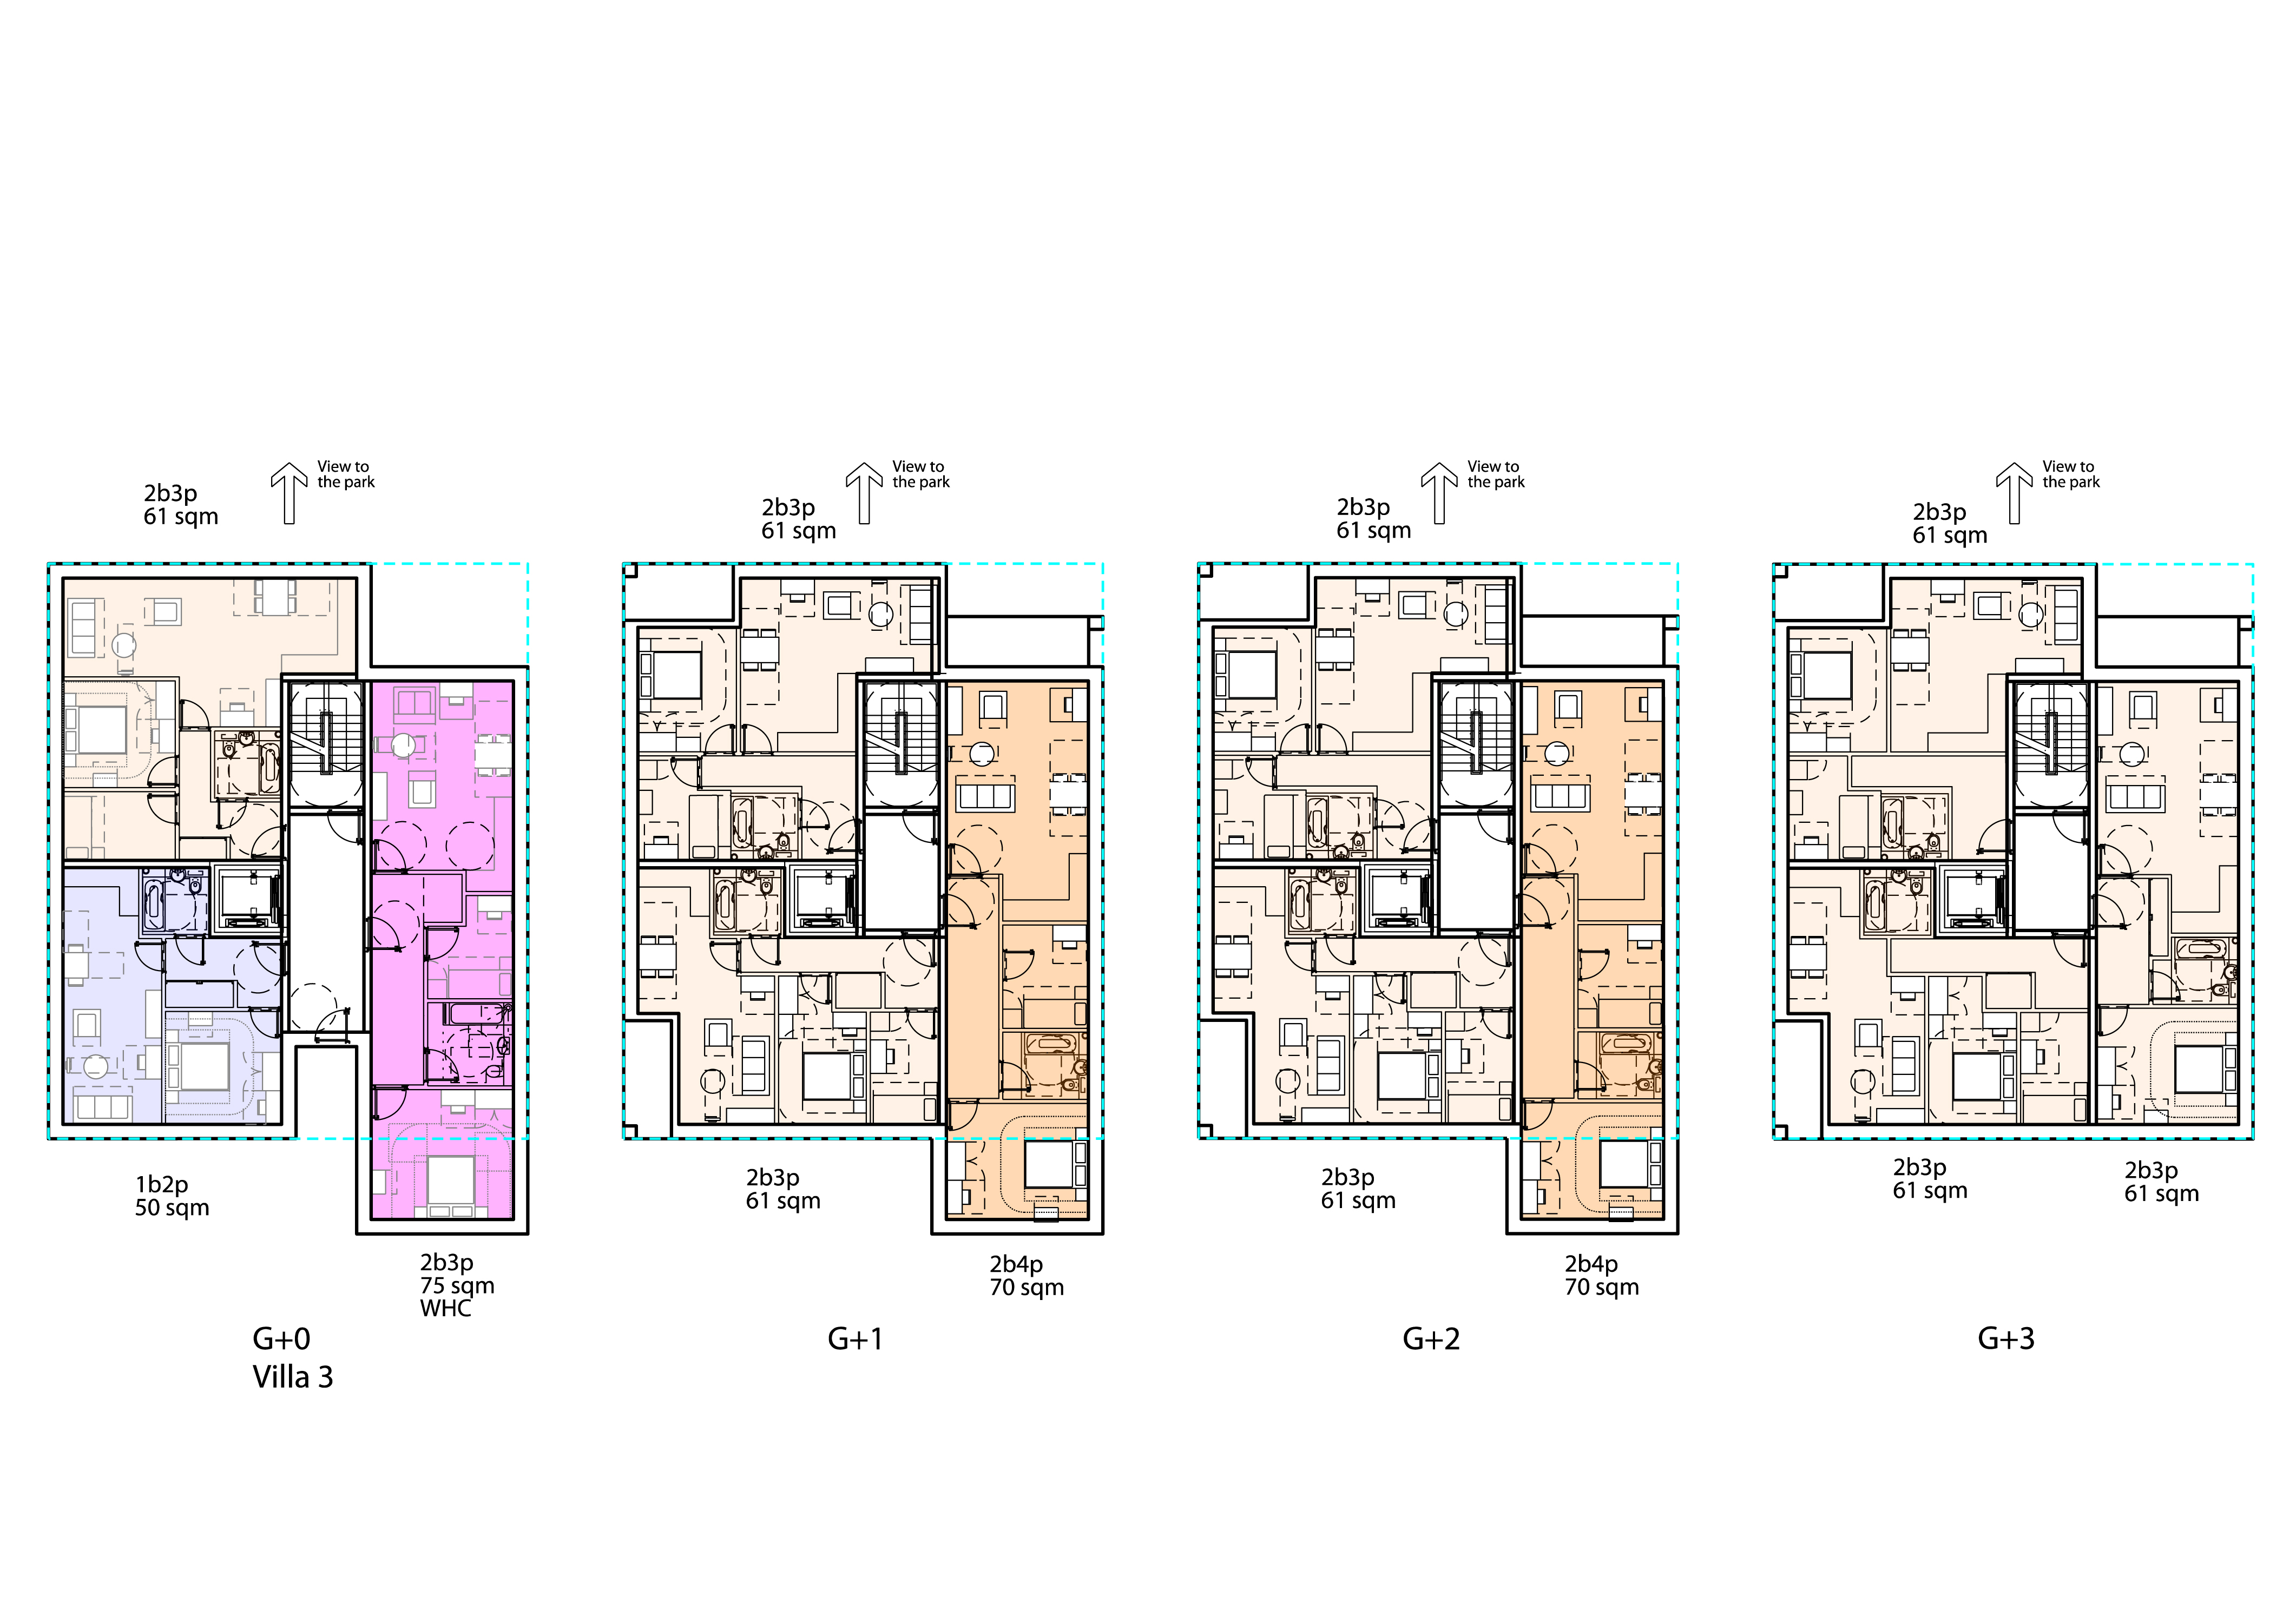 Sydenham Villas Sketch Plans